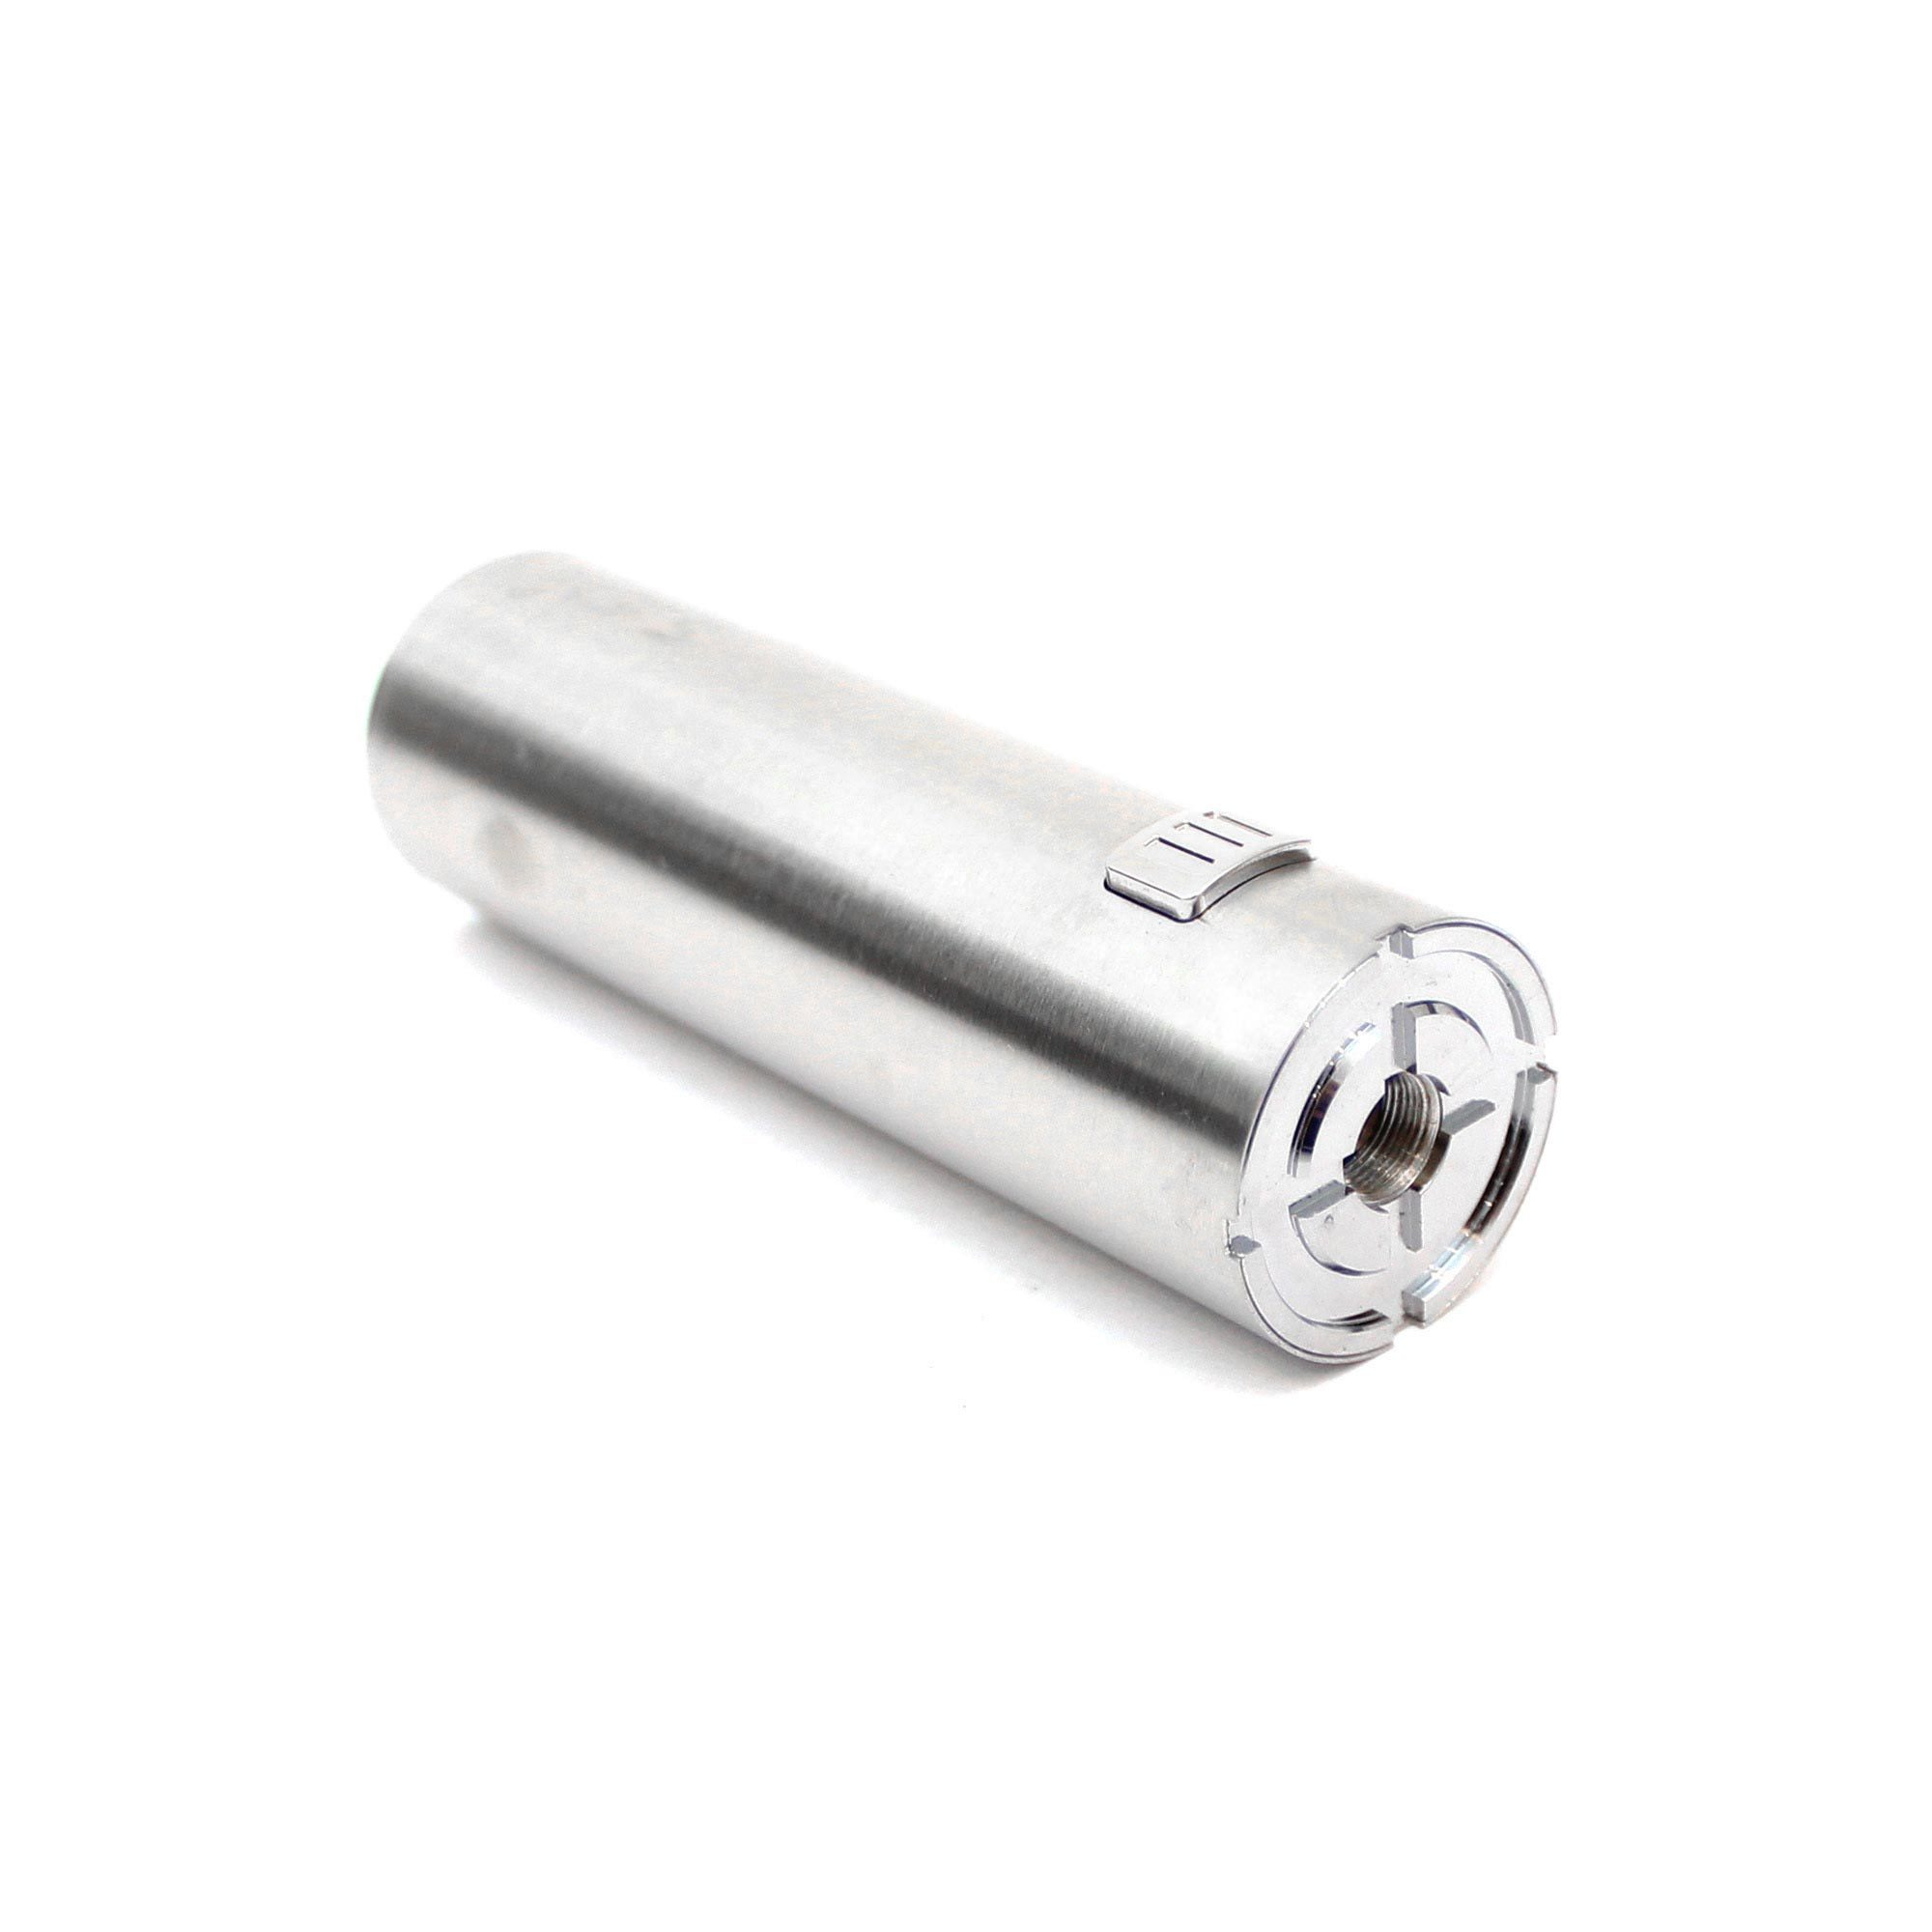 электронная сигарета Eleaf Ijust S (Оригинал) блок